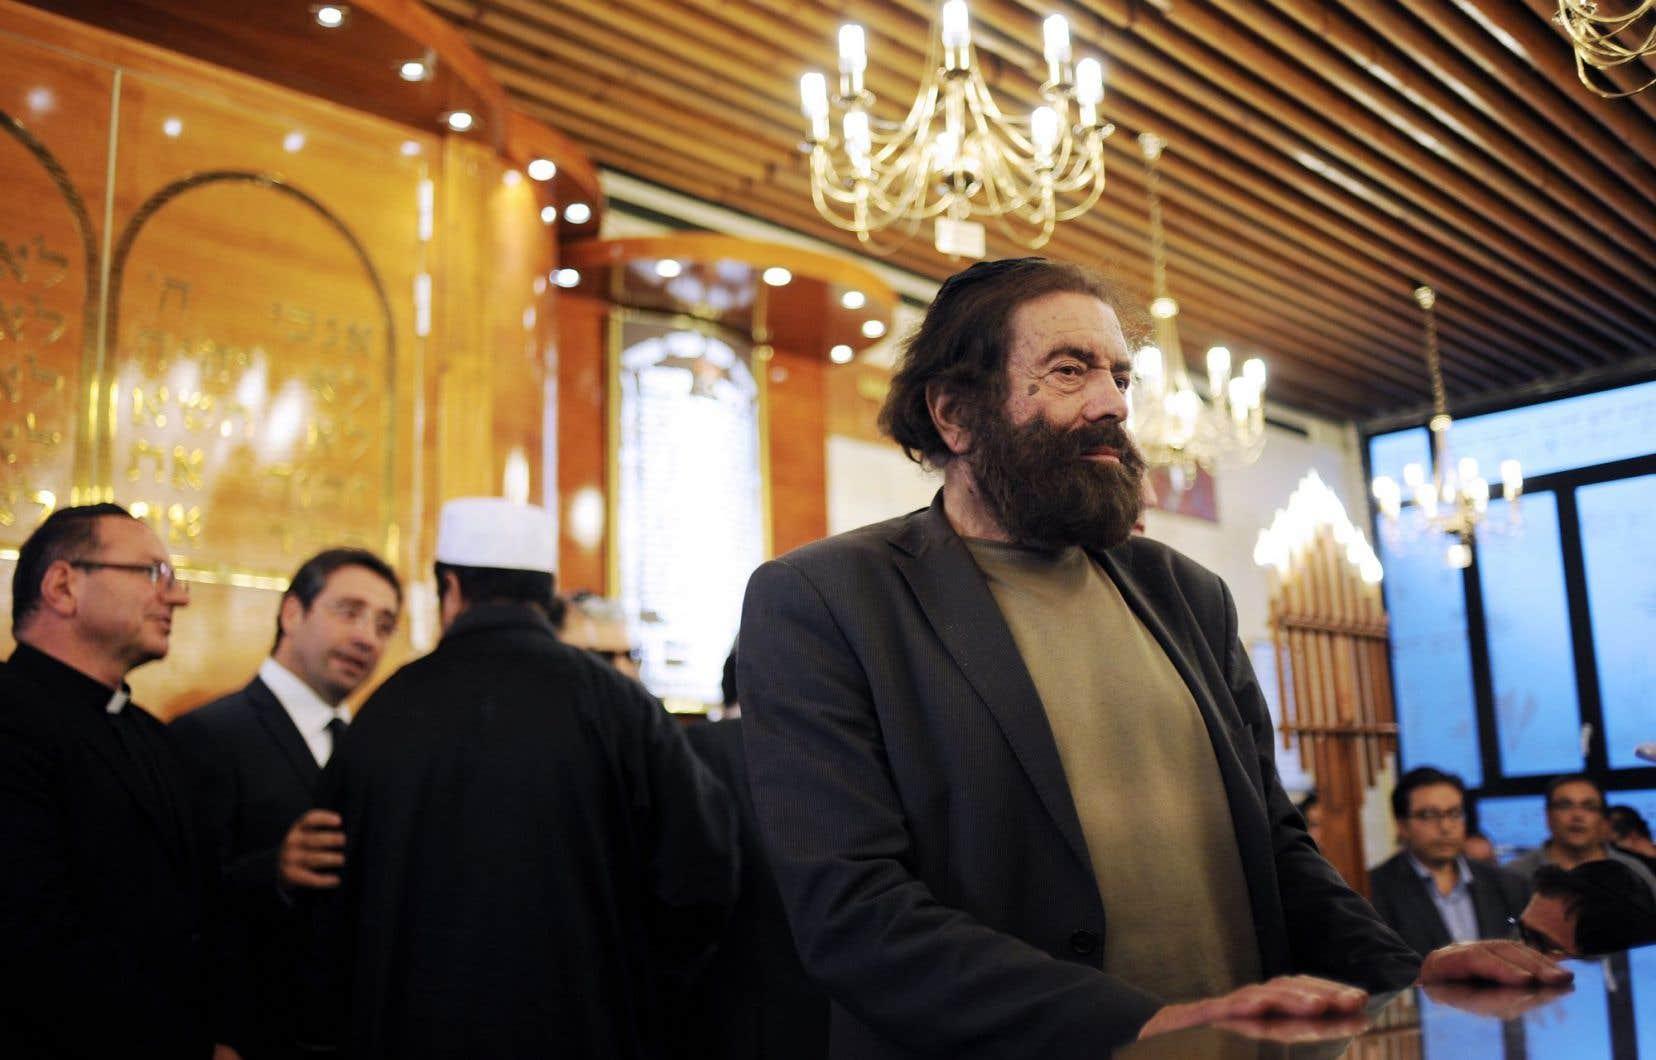 L'écrivain français Marek Halter plaide pour que l'école française se remette à parler du religieux. Pour lui, la laïcité ne rime pas avec le rejet des religions. Il apparaît ci-dessus lors d'une cérémonie œcuménique.